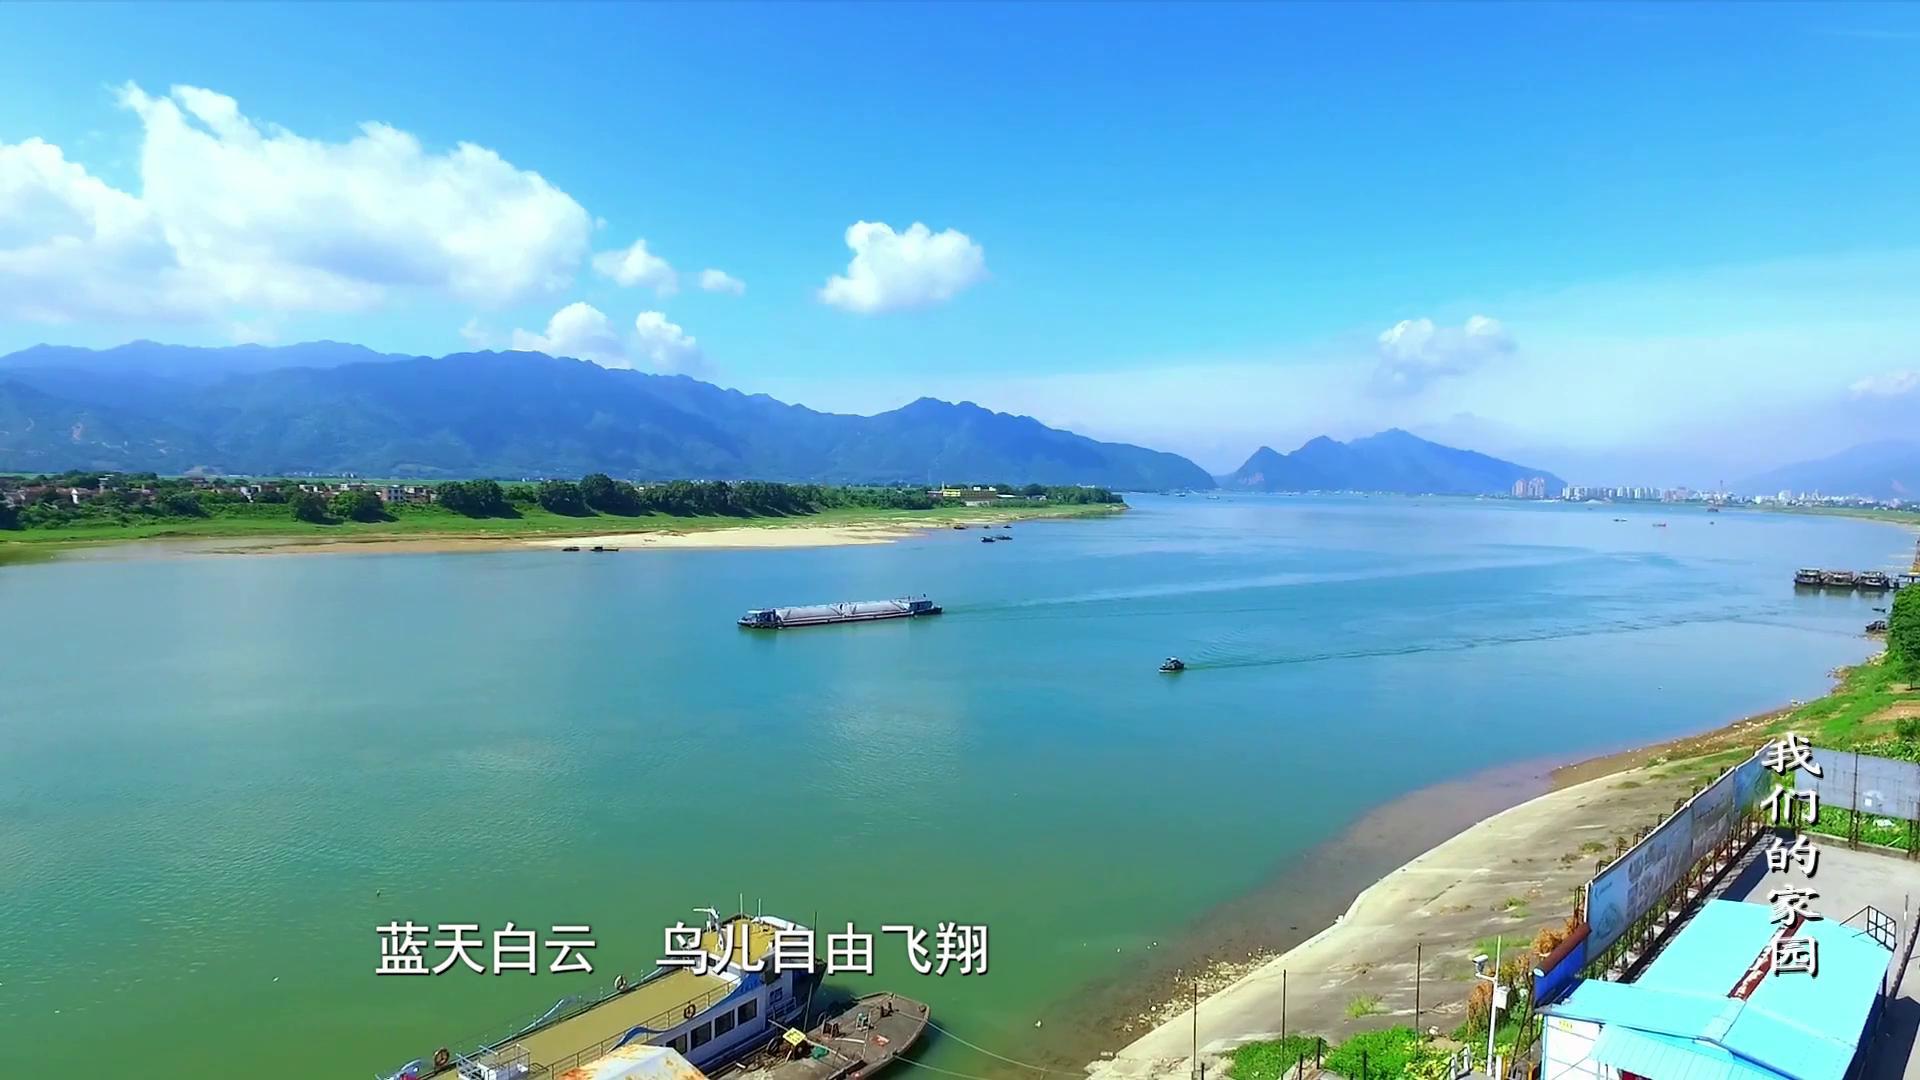 《我们的家园》——肇庆市封开县原创扫黑除恶主题曲